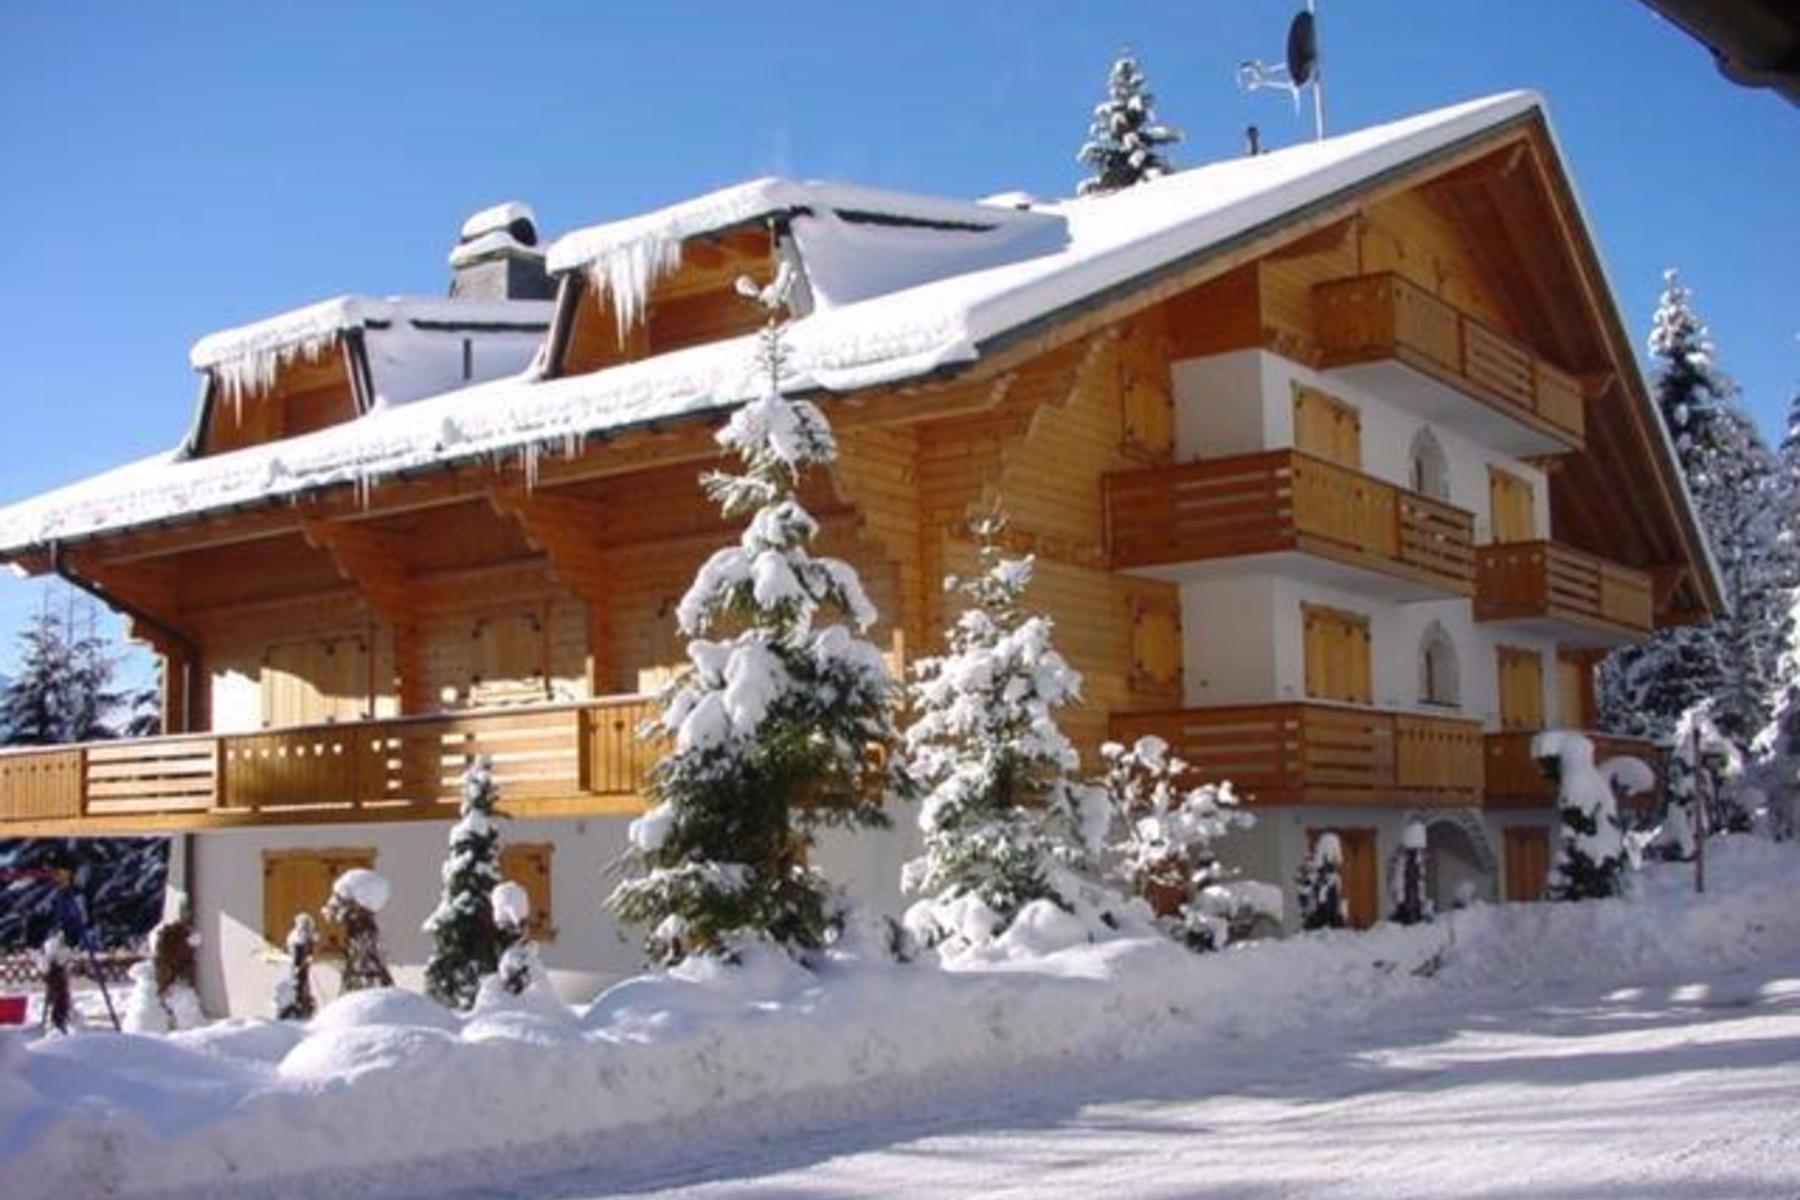 شقة للـ Sale في Mandarin 8-9 Domaine de la Résidence Villars-Sur-Ollon, Vaud, 1884 Switzerland